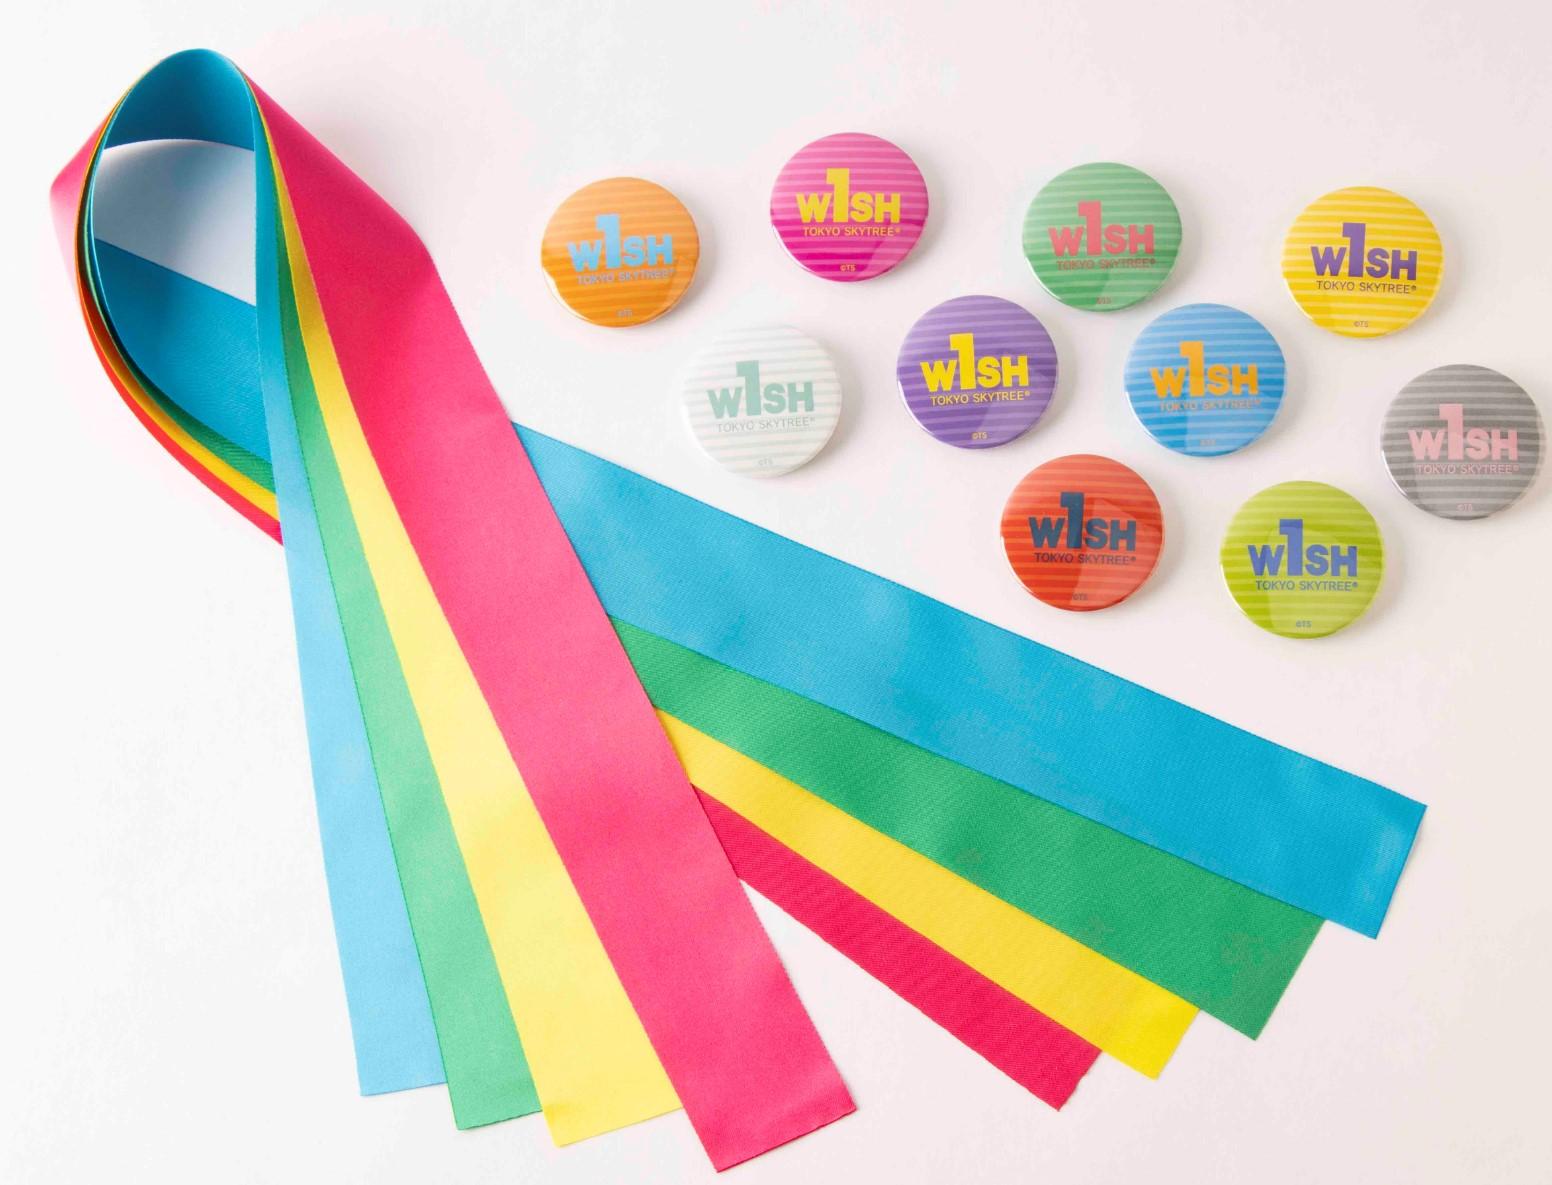 W1shRibbon Souvenirs